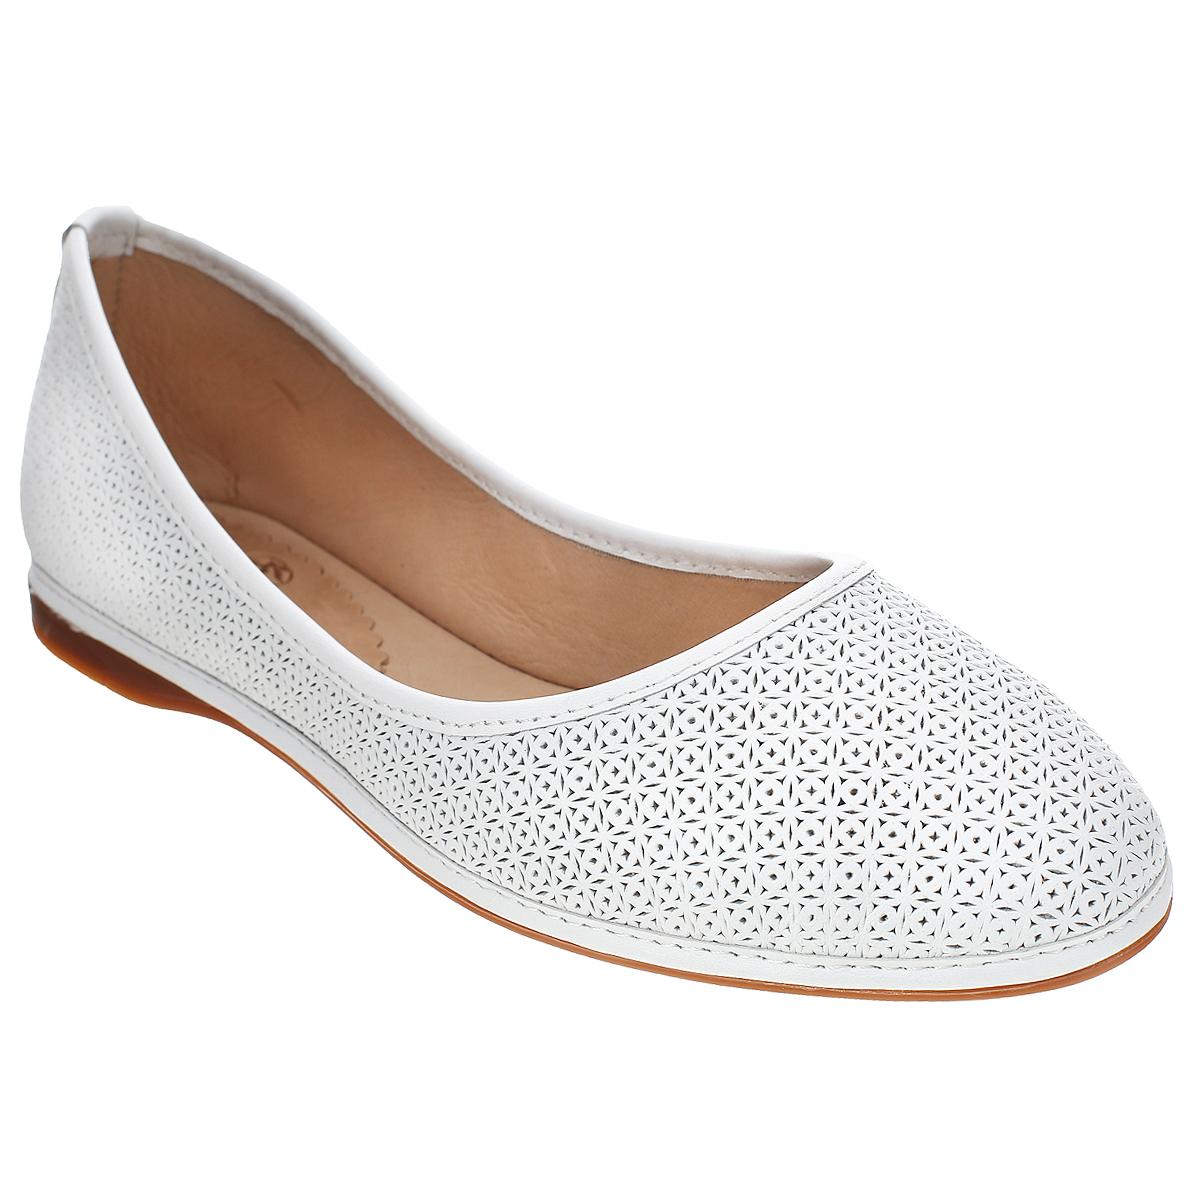 861-02-01Стильные балетки от Dino Ricci отлично впишутся в ваш гардероб. Модель с округлым мысом выполнена из натуральной высококачественной кожи и оформлена перфорированным узором. Мягкая стелька из натуральной кожи комфортна при движении. Гибкая подошва с рифлением обеспечивает идеальное сцепление с различными поверхностями. В таких балетках вашим ногам будет комфортно и уютно!